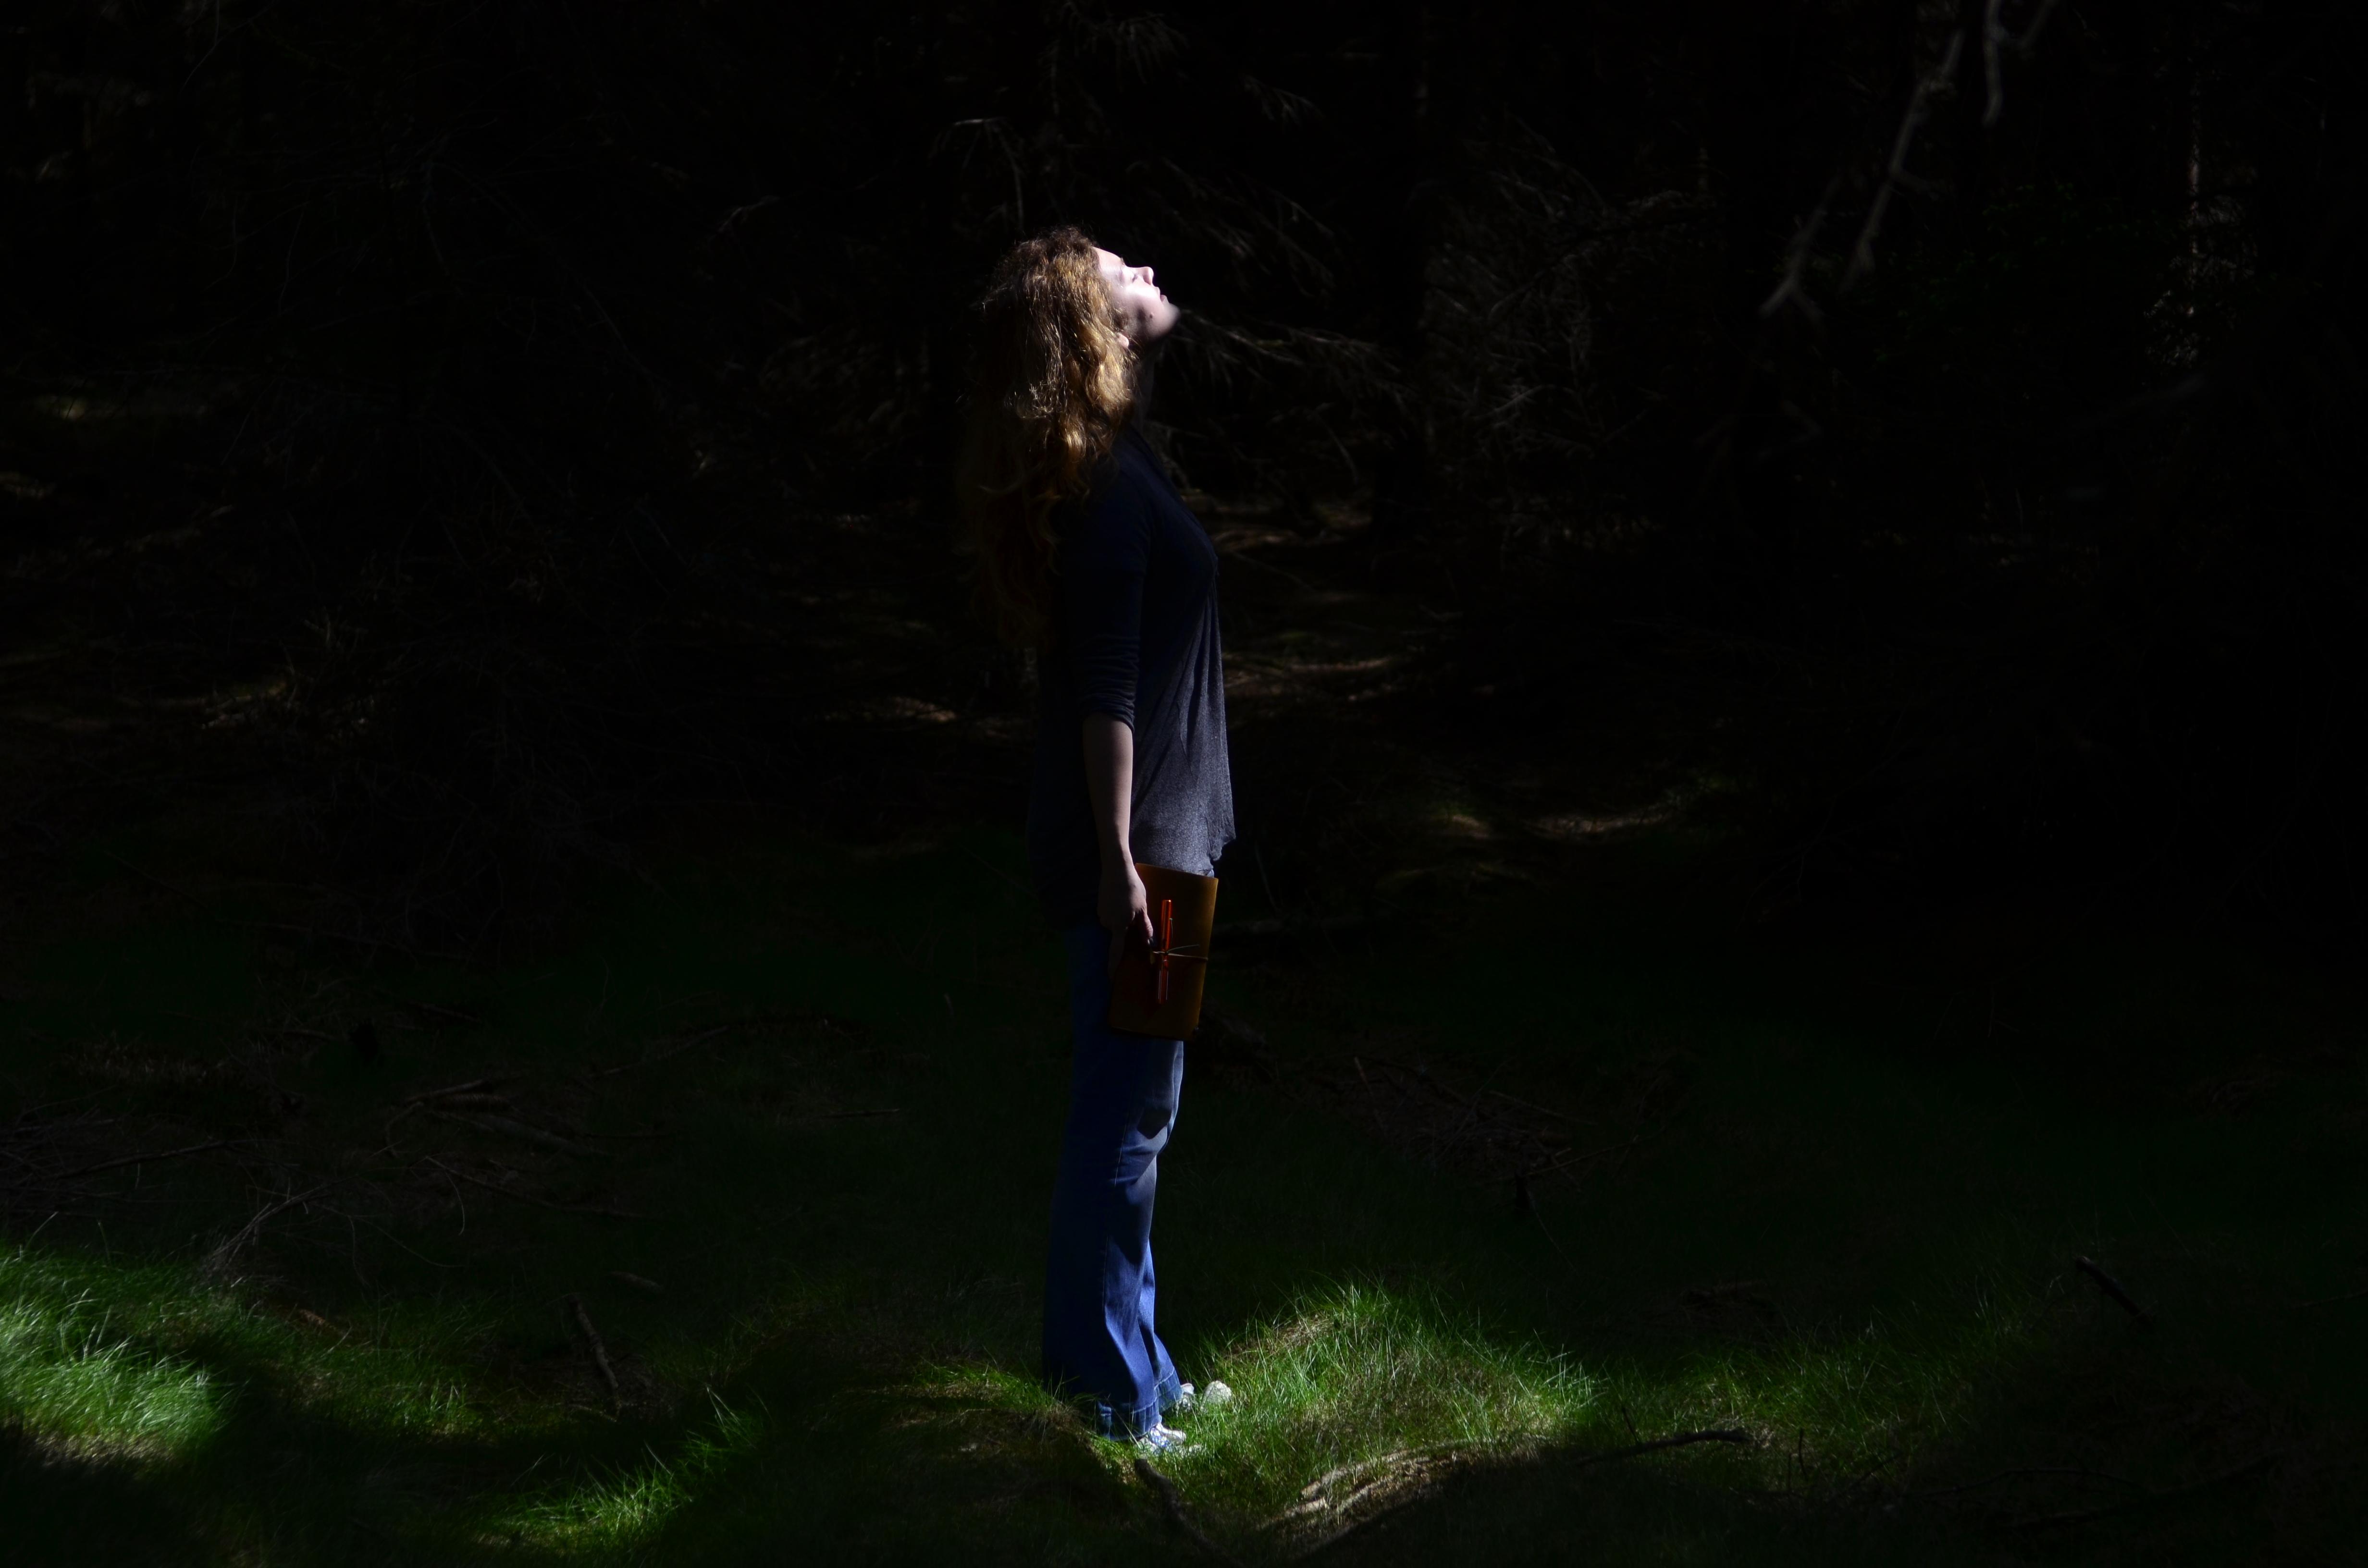 Dziewczyna w środku ciemnego lasu oświetlona promieniami słońca.